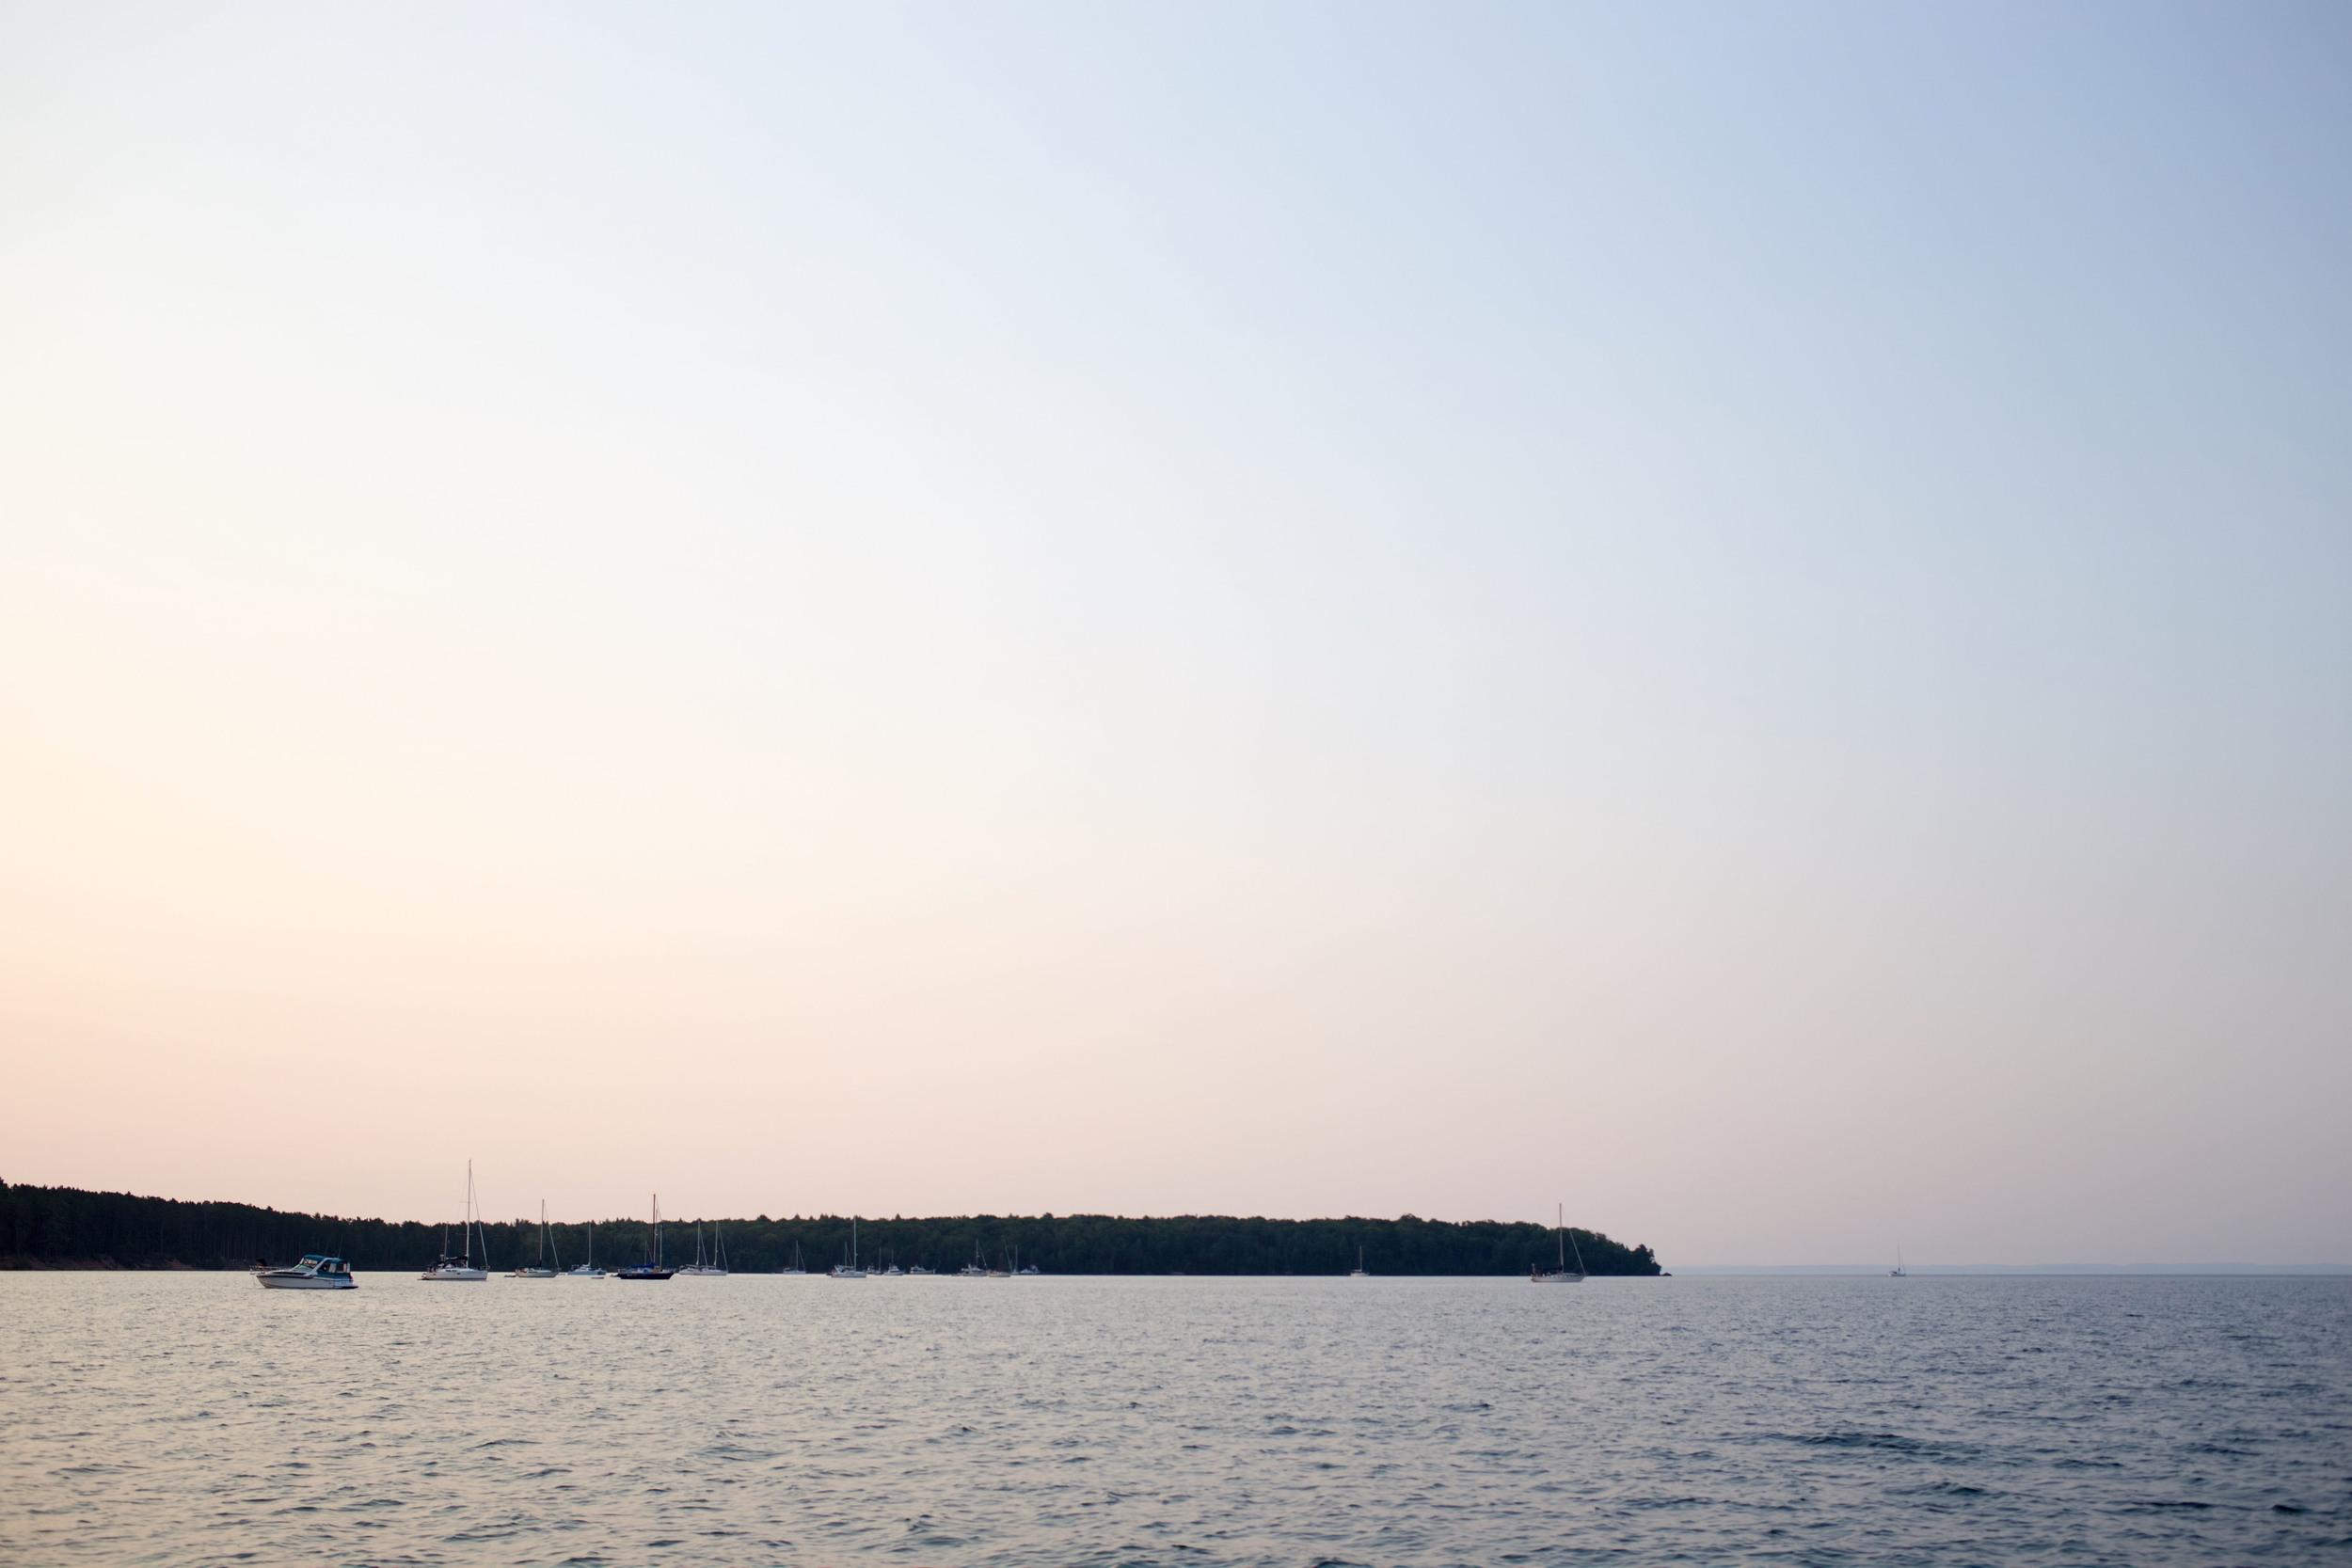 Sailing at Stockton Island - Lake Superior